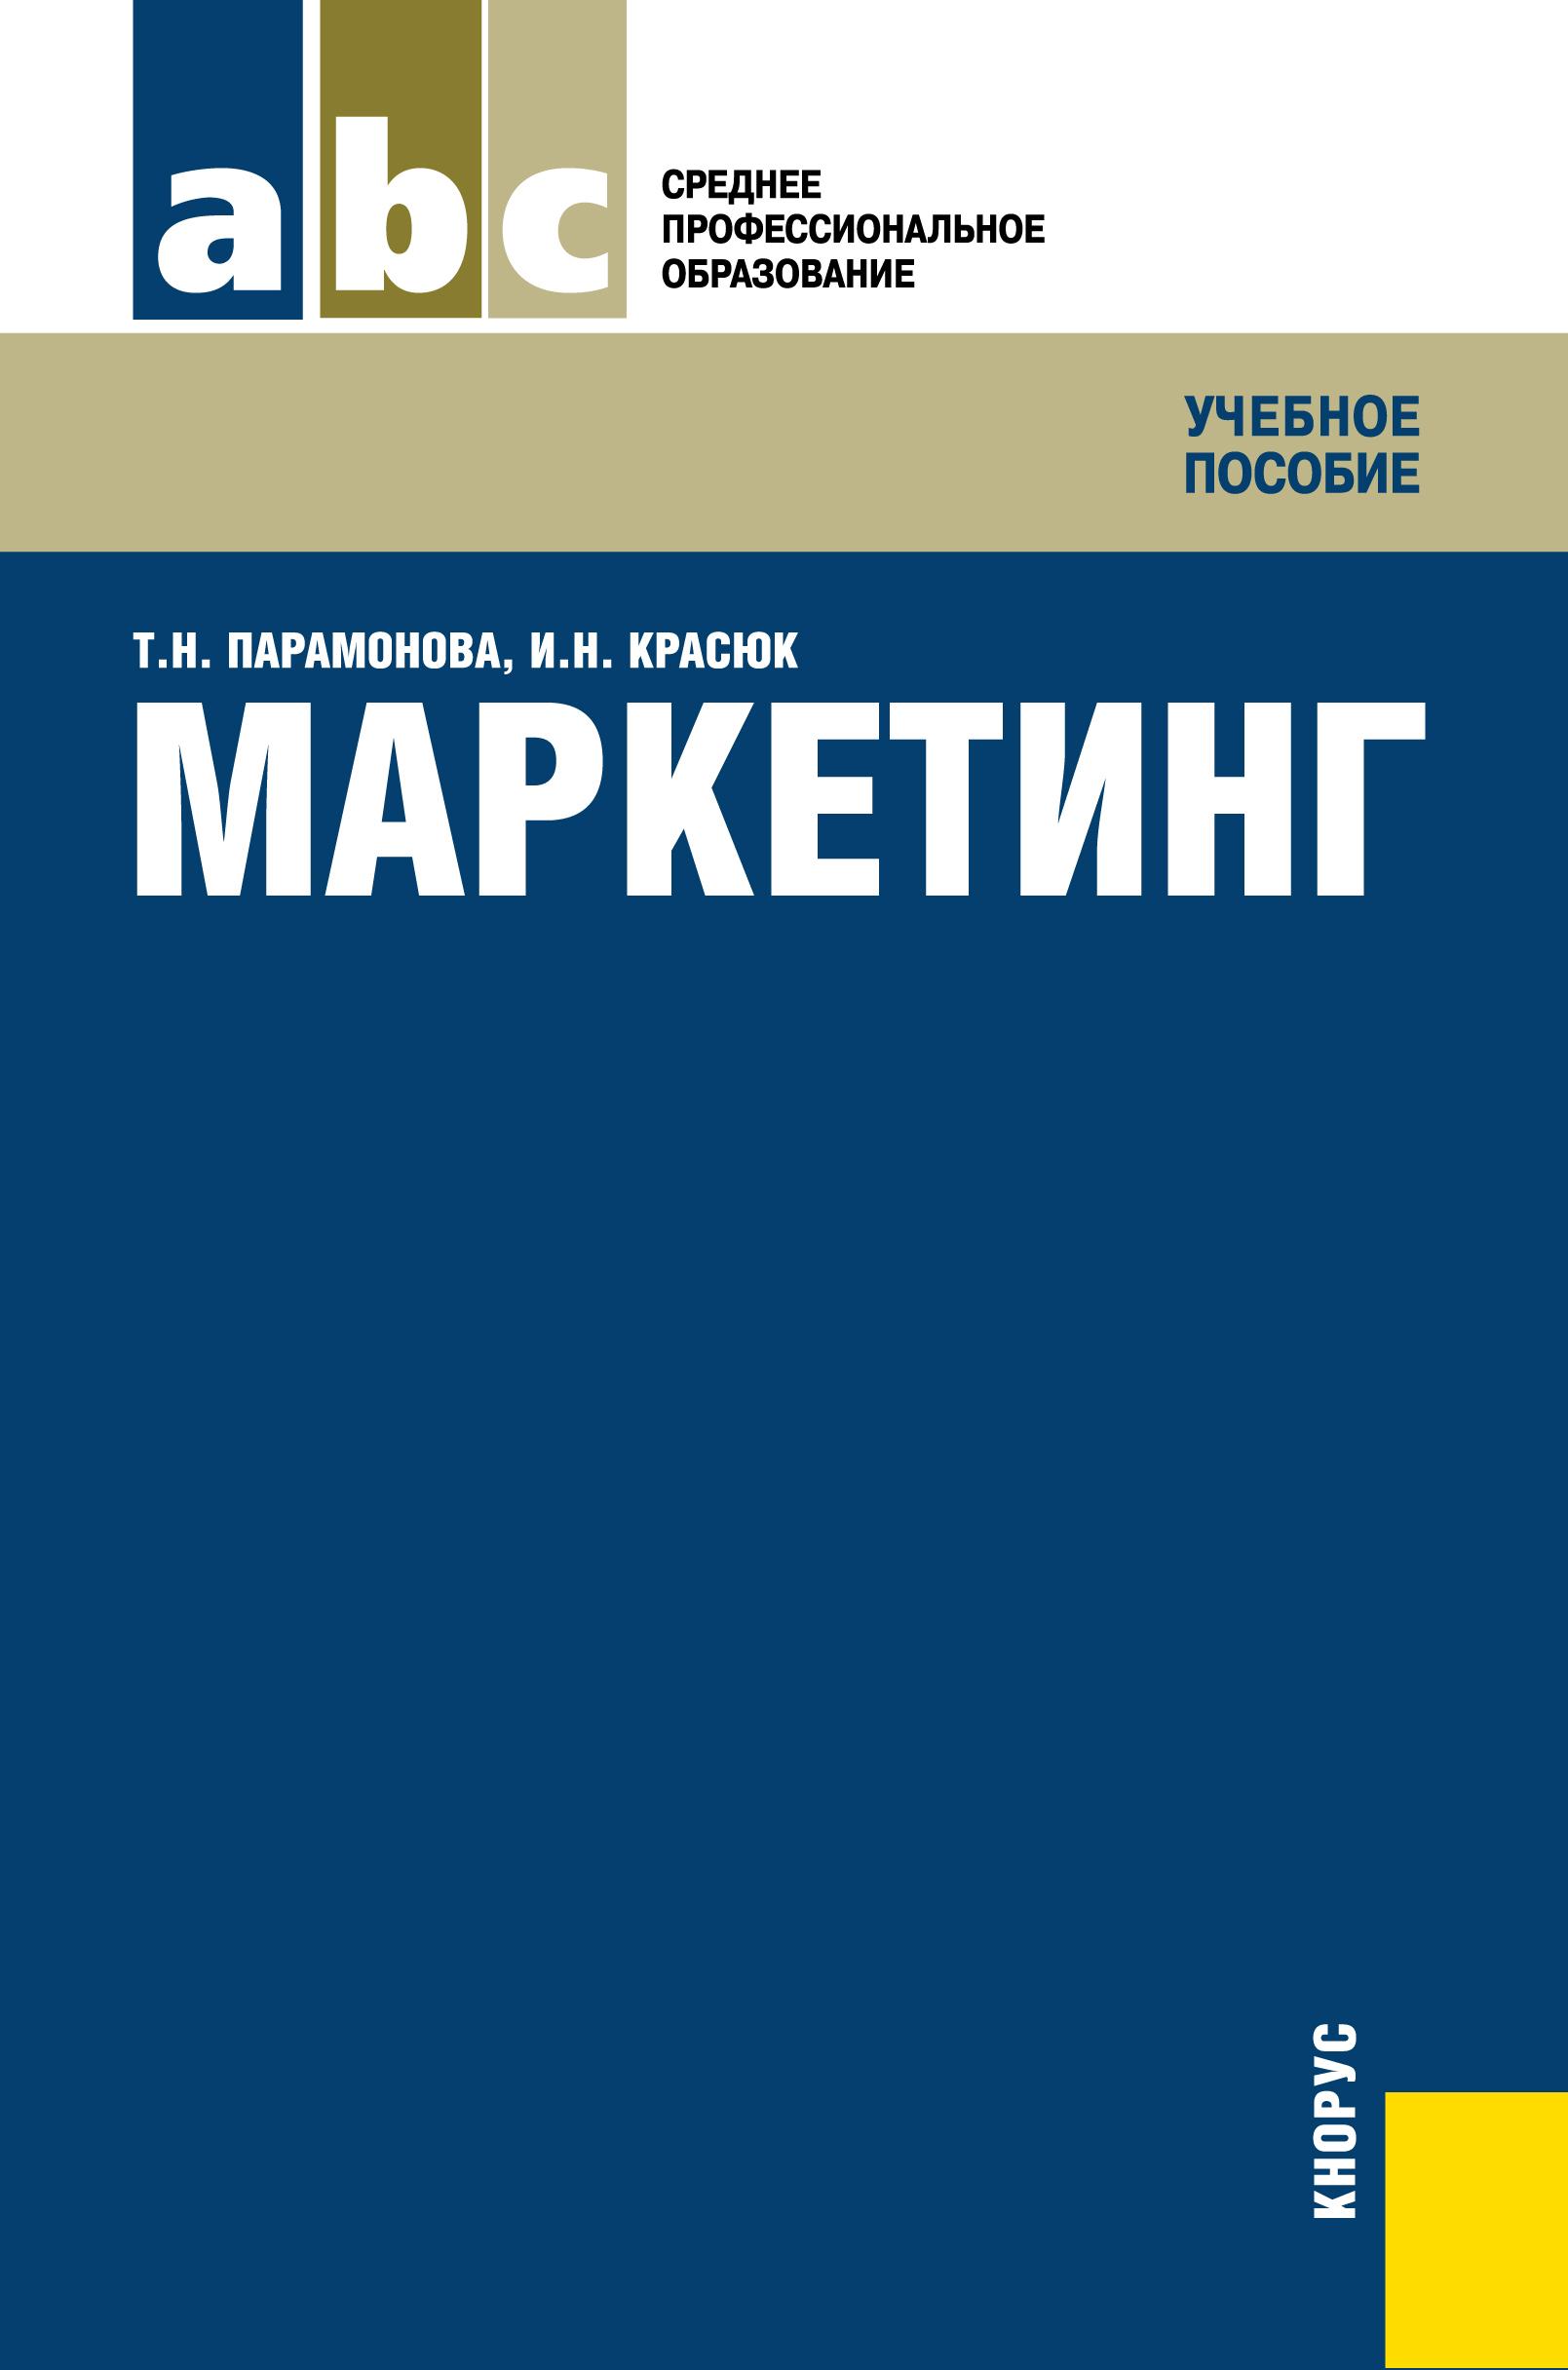 Татьяна Парамонова Маркетинг владимир кеворков маркетинг и конкурентоспособность медицинской организации